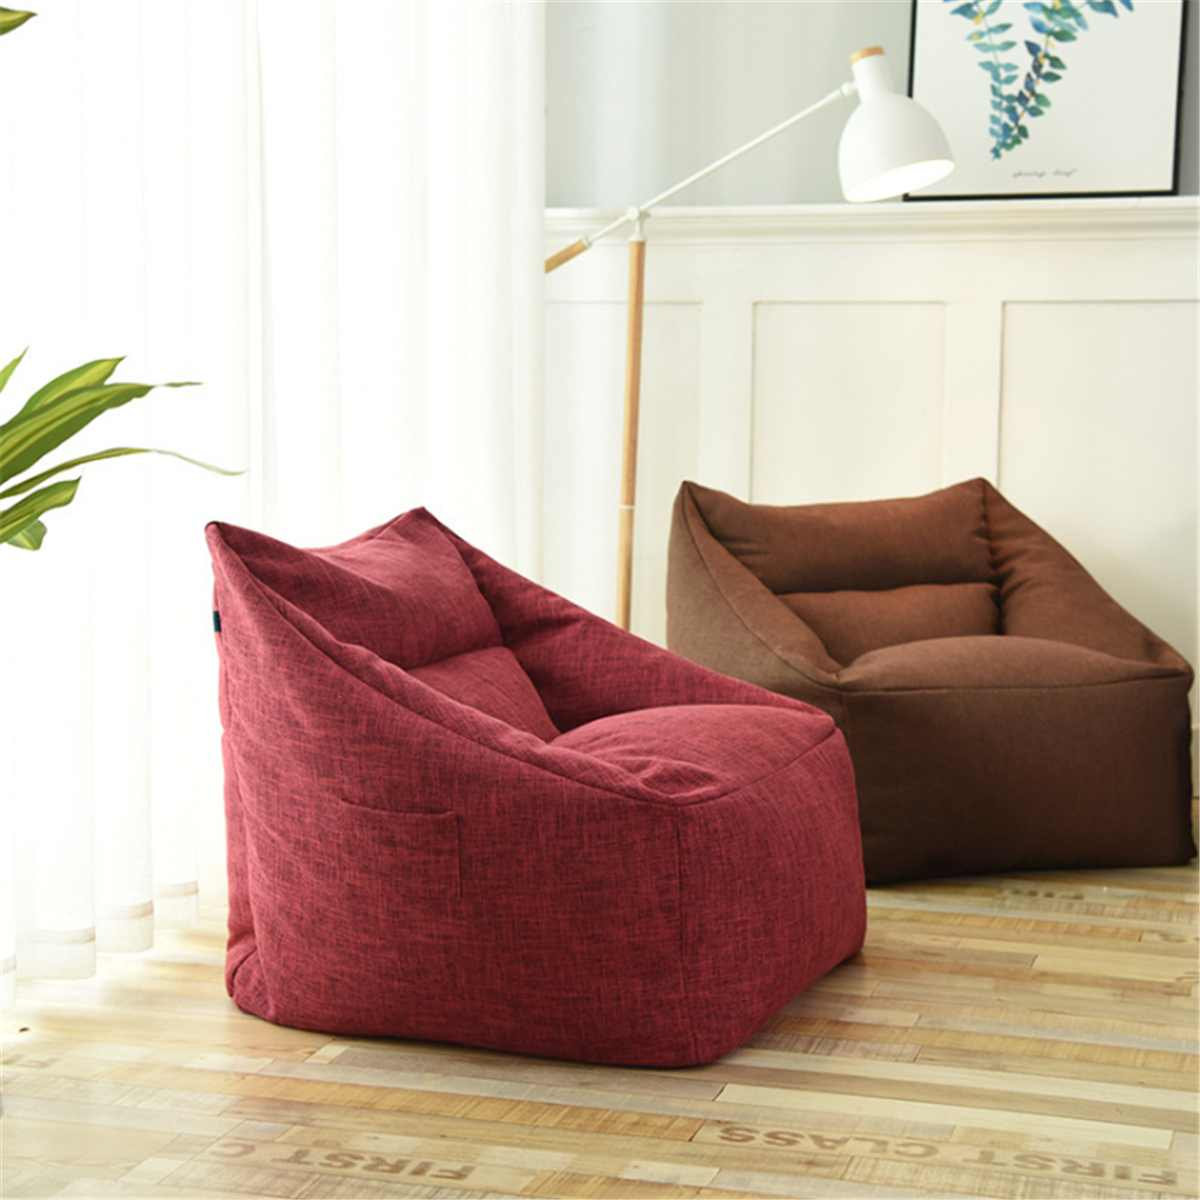 Paresseux canapé intérieur siège chaise couverture imperméable pouf chaise Lazybag bouffées canapés grand pouf housse fauteuil lavable confortable jeu